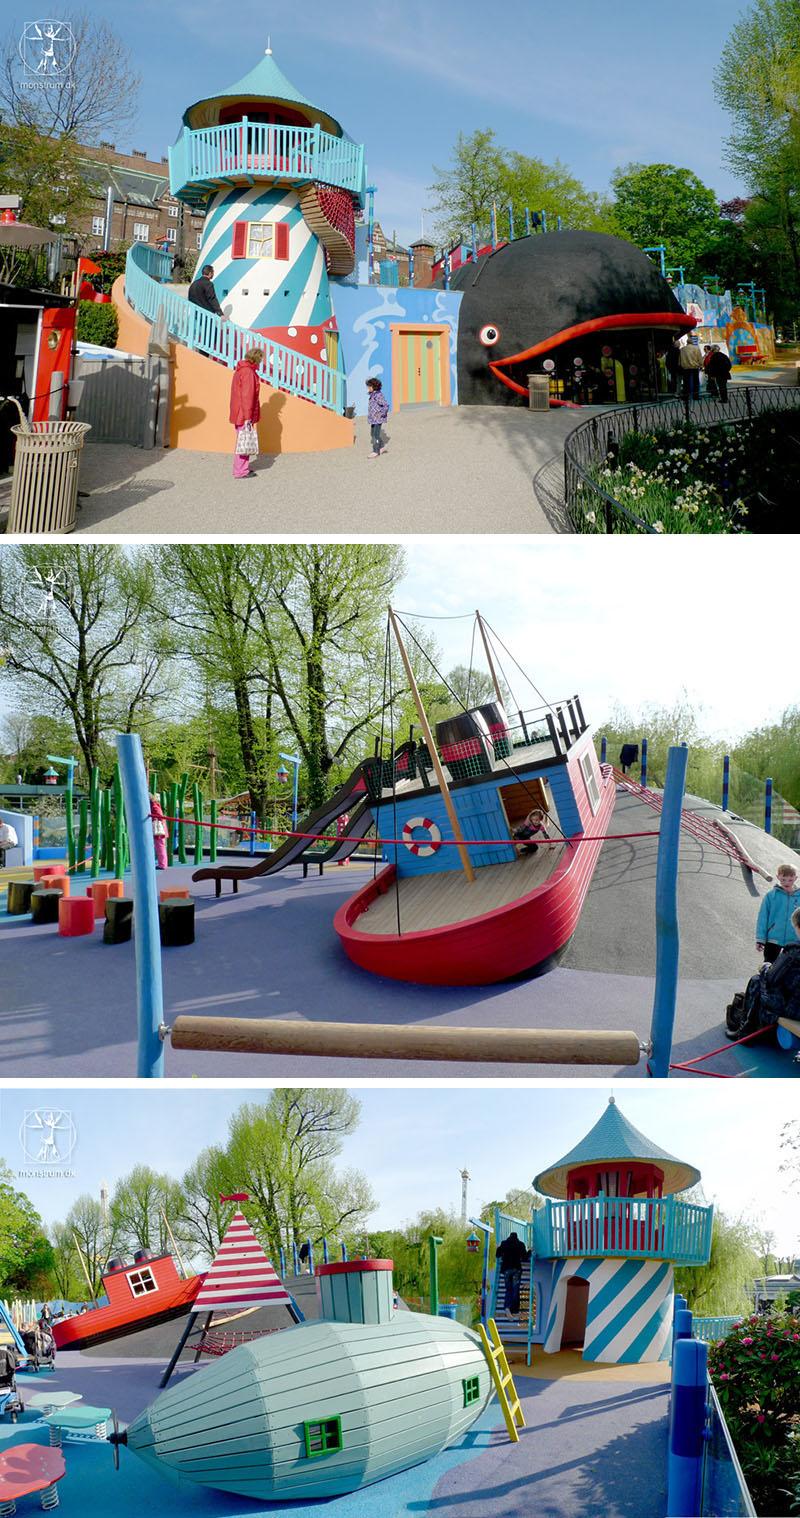 parques infantiles que gustaran tanto a pequeños y a adultos 9